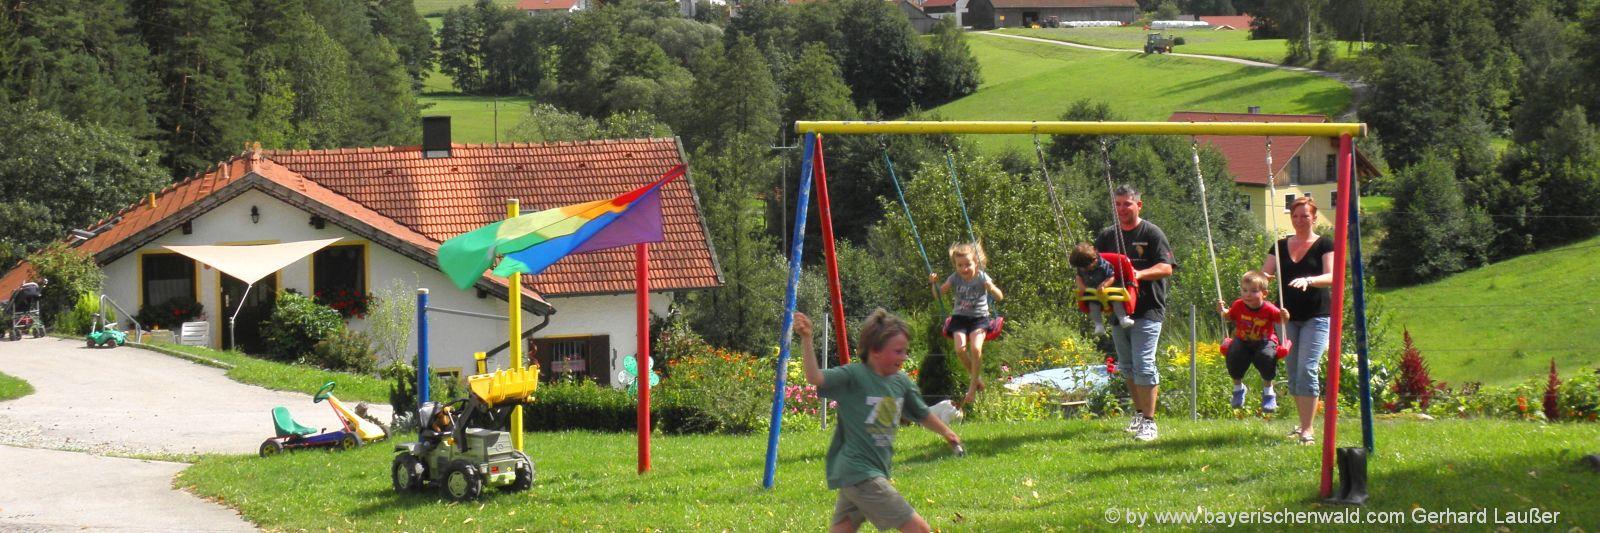 Familienurlaub Angebote für Bauernhofurlaub Bayerischer Wald